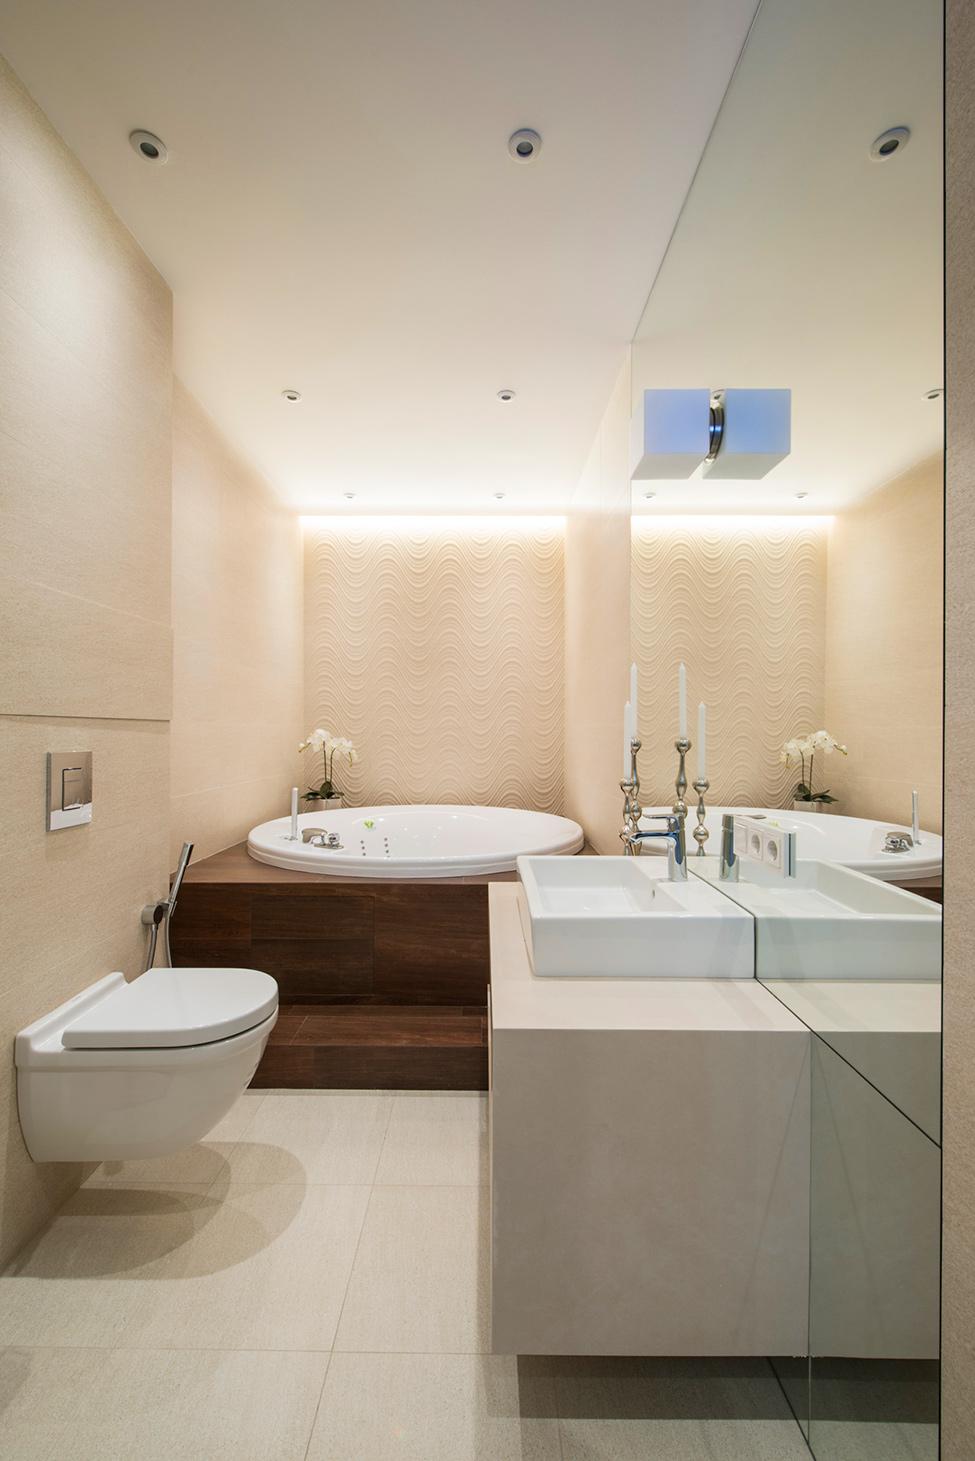 apartament-s-minimalistichen-interior-ot-aleksandra-fedorova-8g